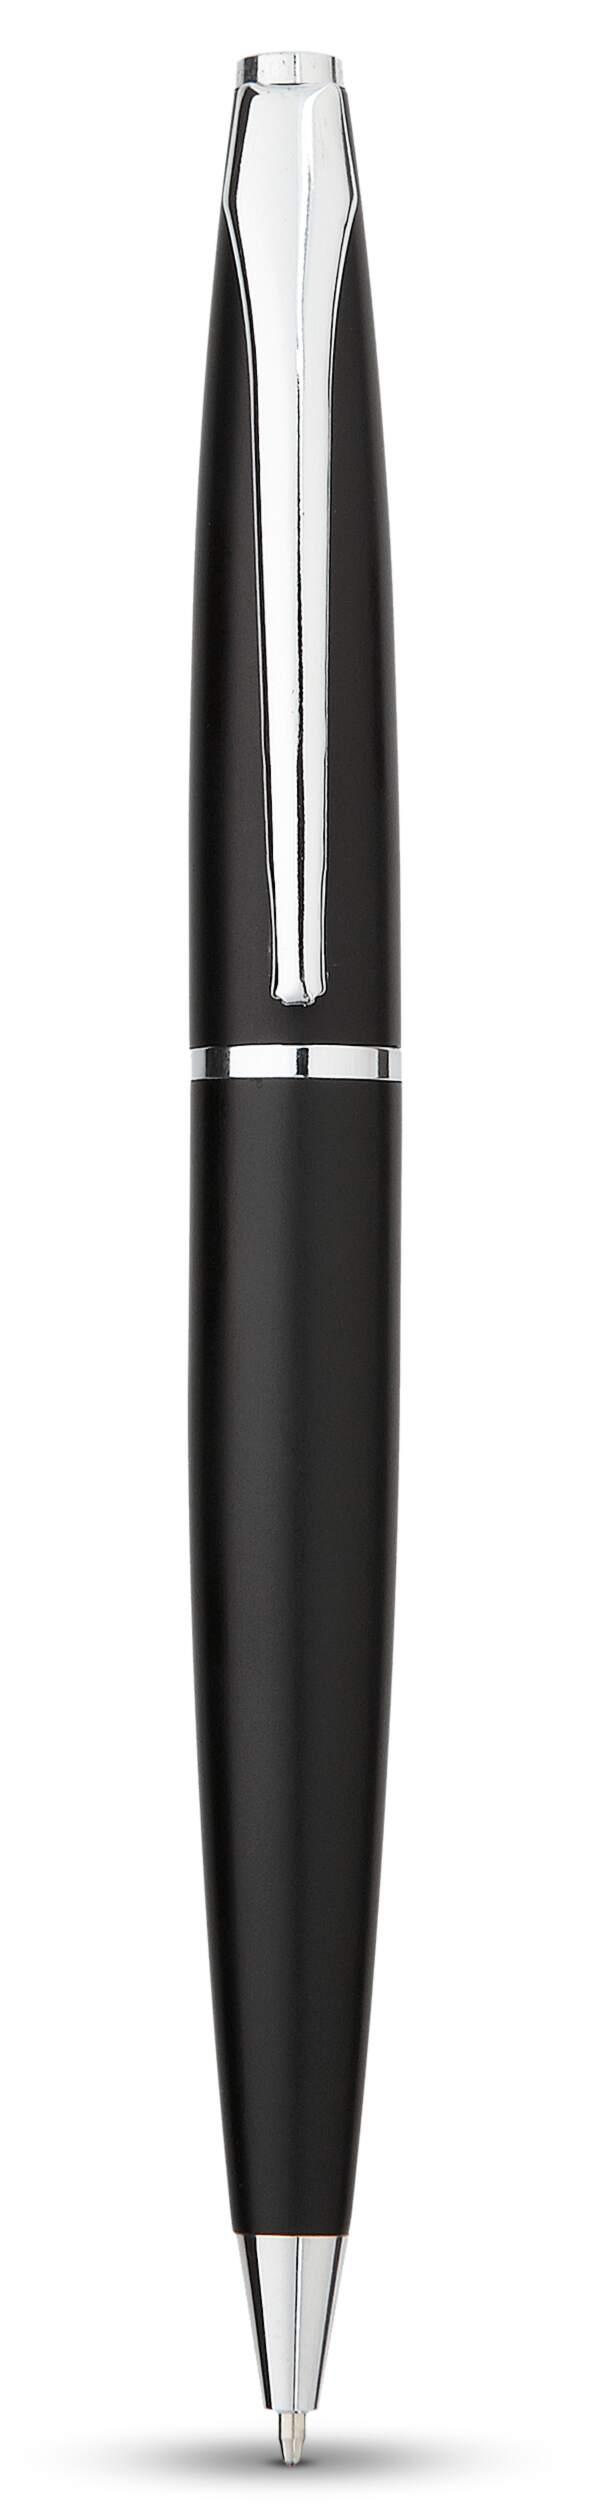 Uppsala černé kuličkové pero